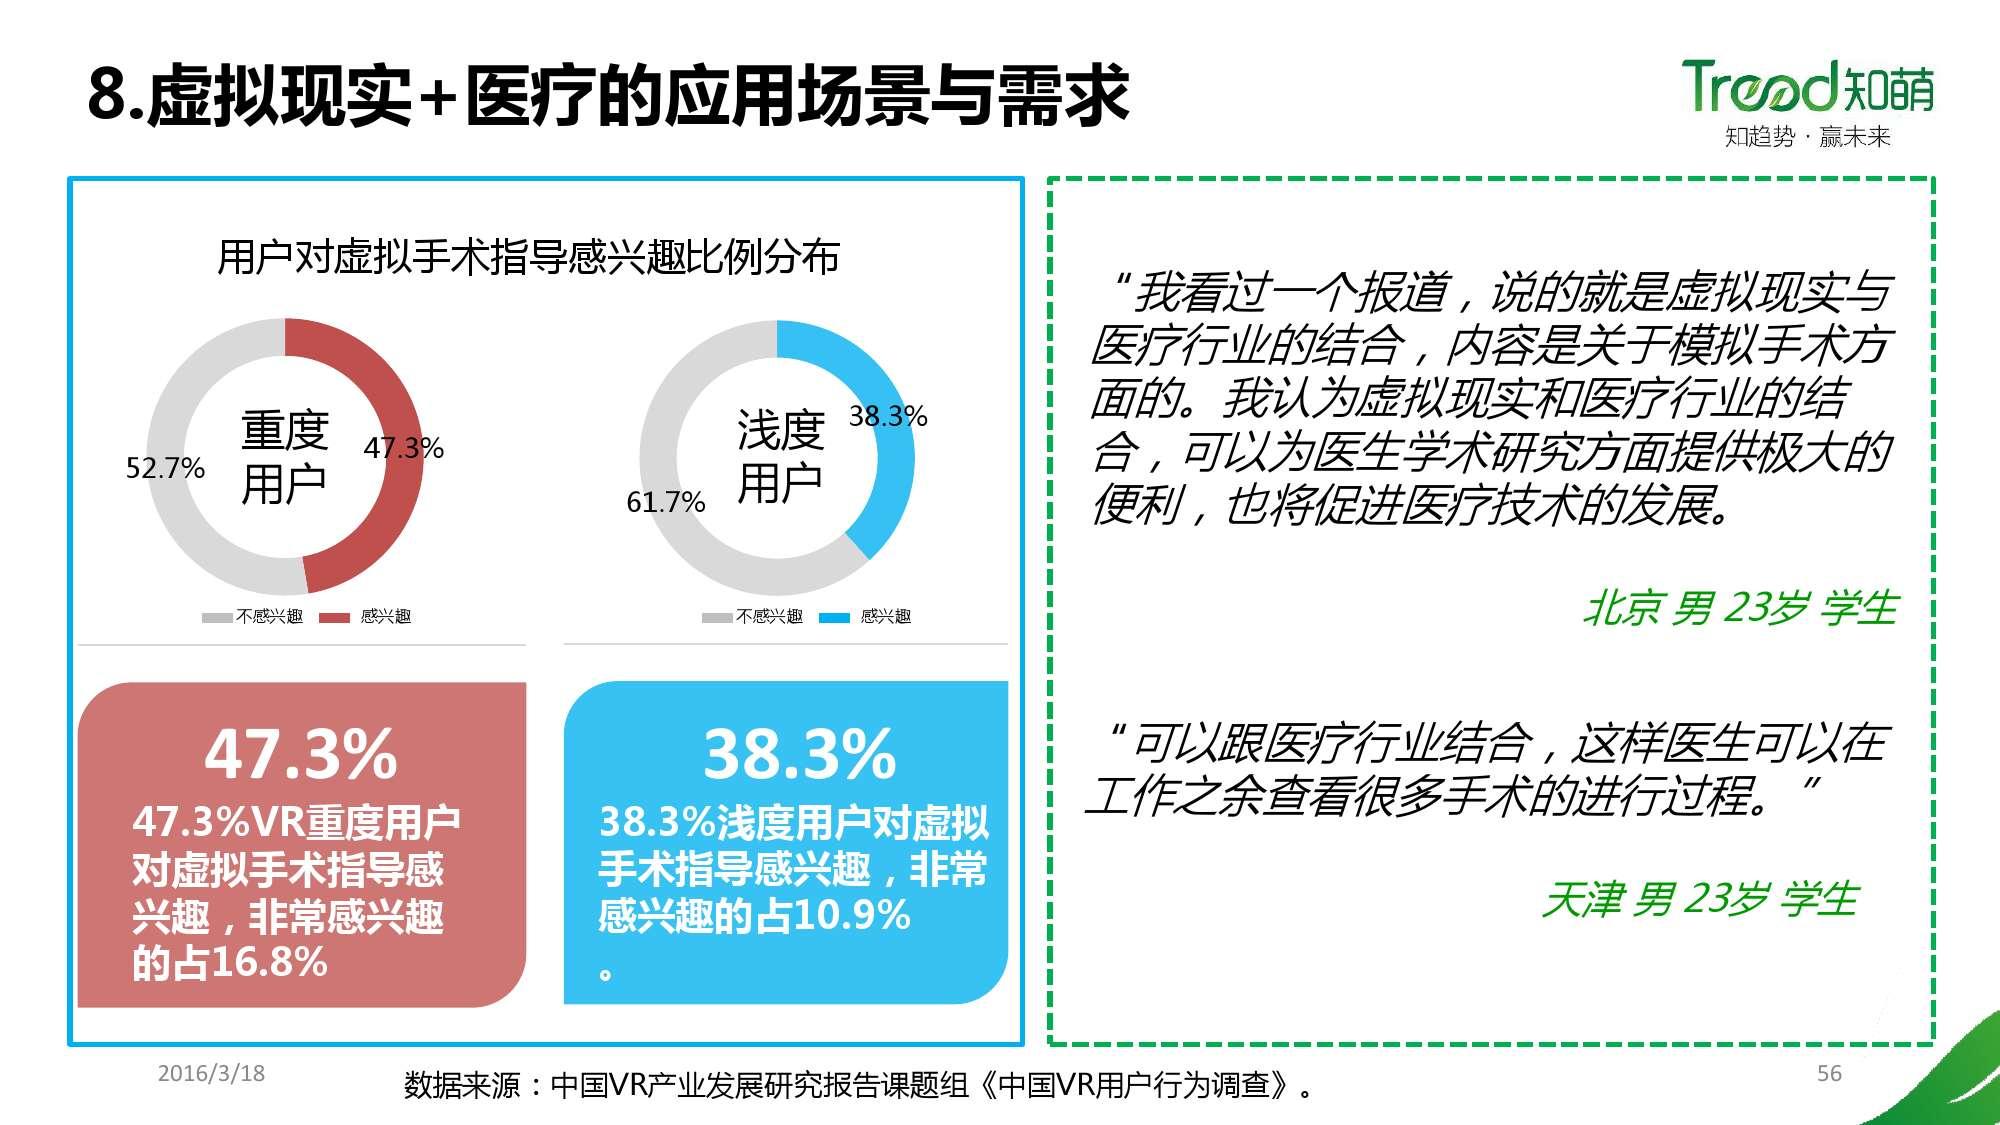 中国VR用户行为研究报告_000056